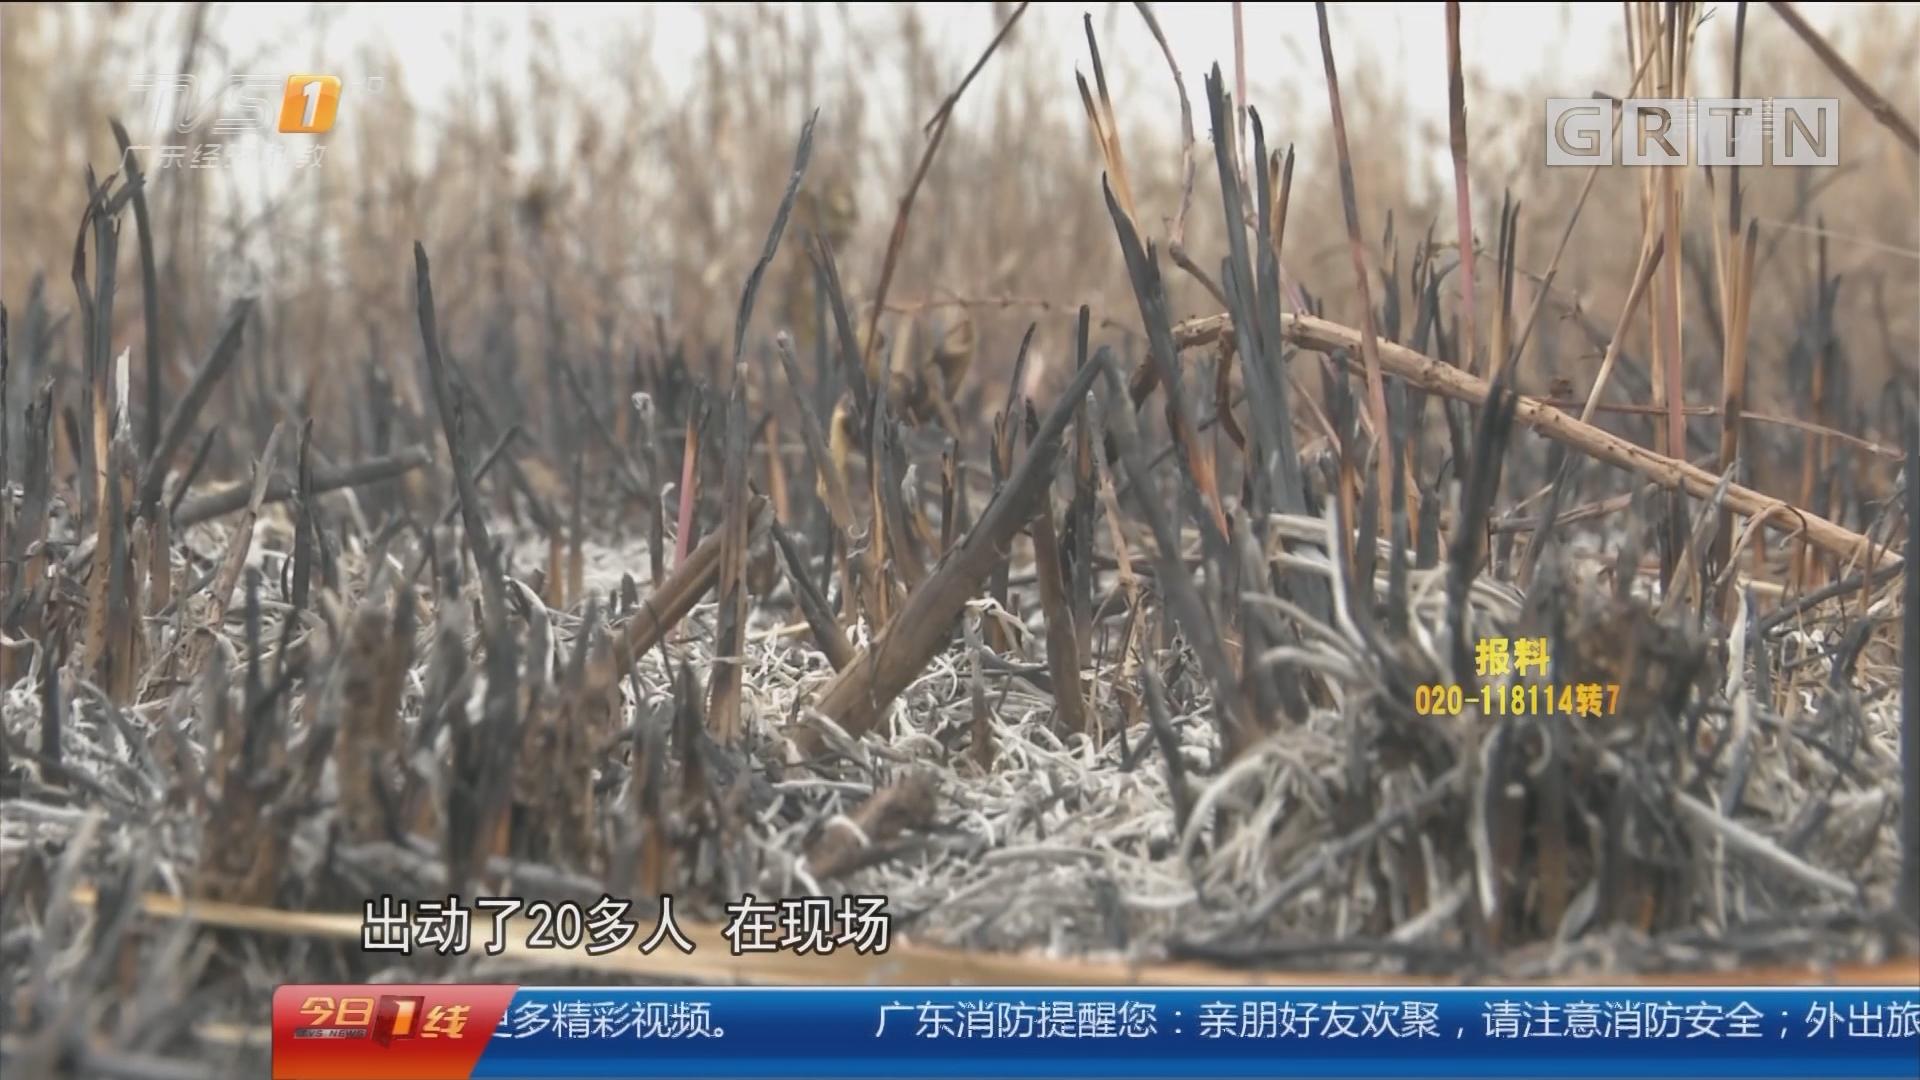 佛山高明:男子纵火烧20亩荒地 称为看剧取暖